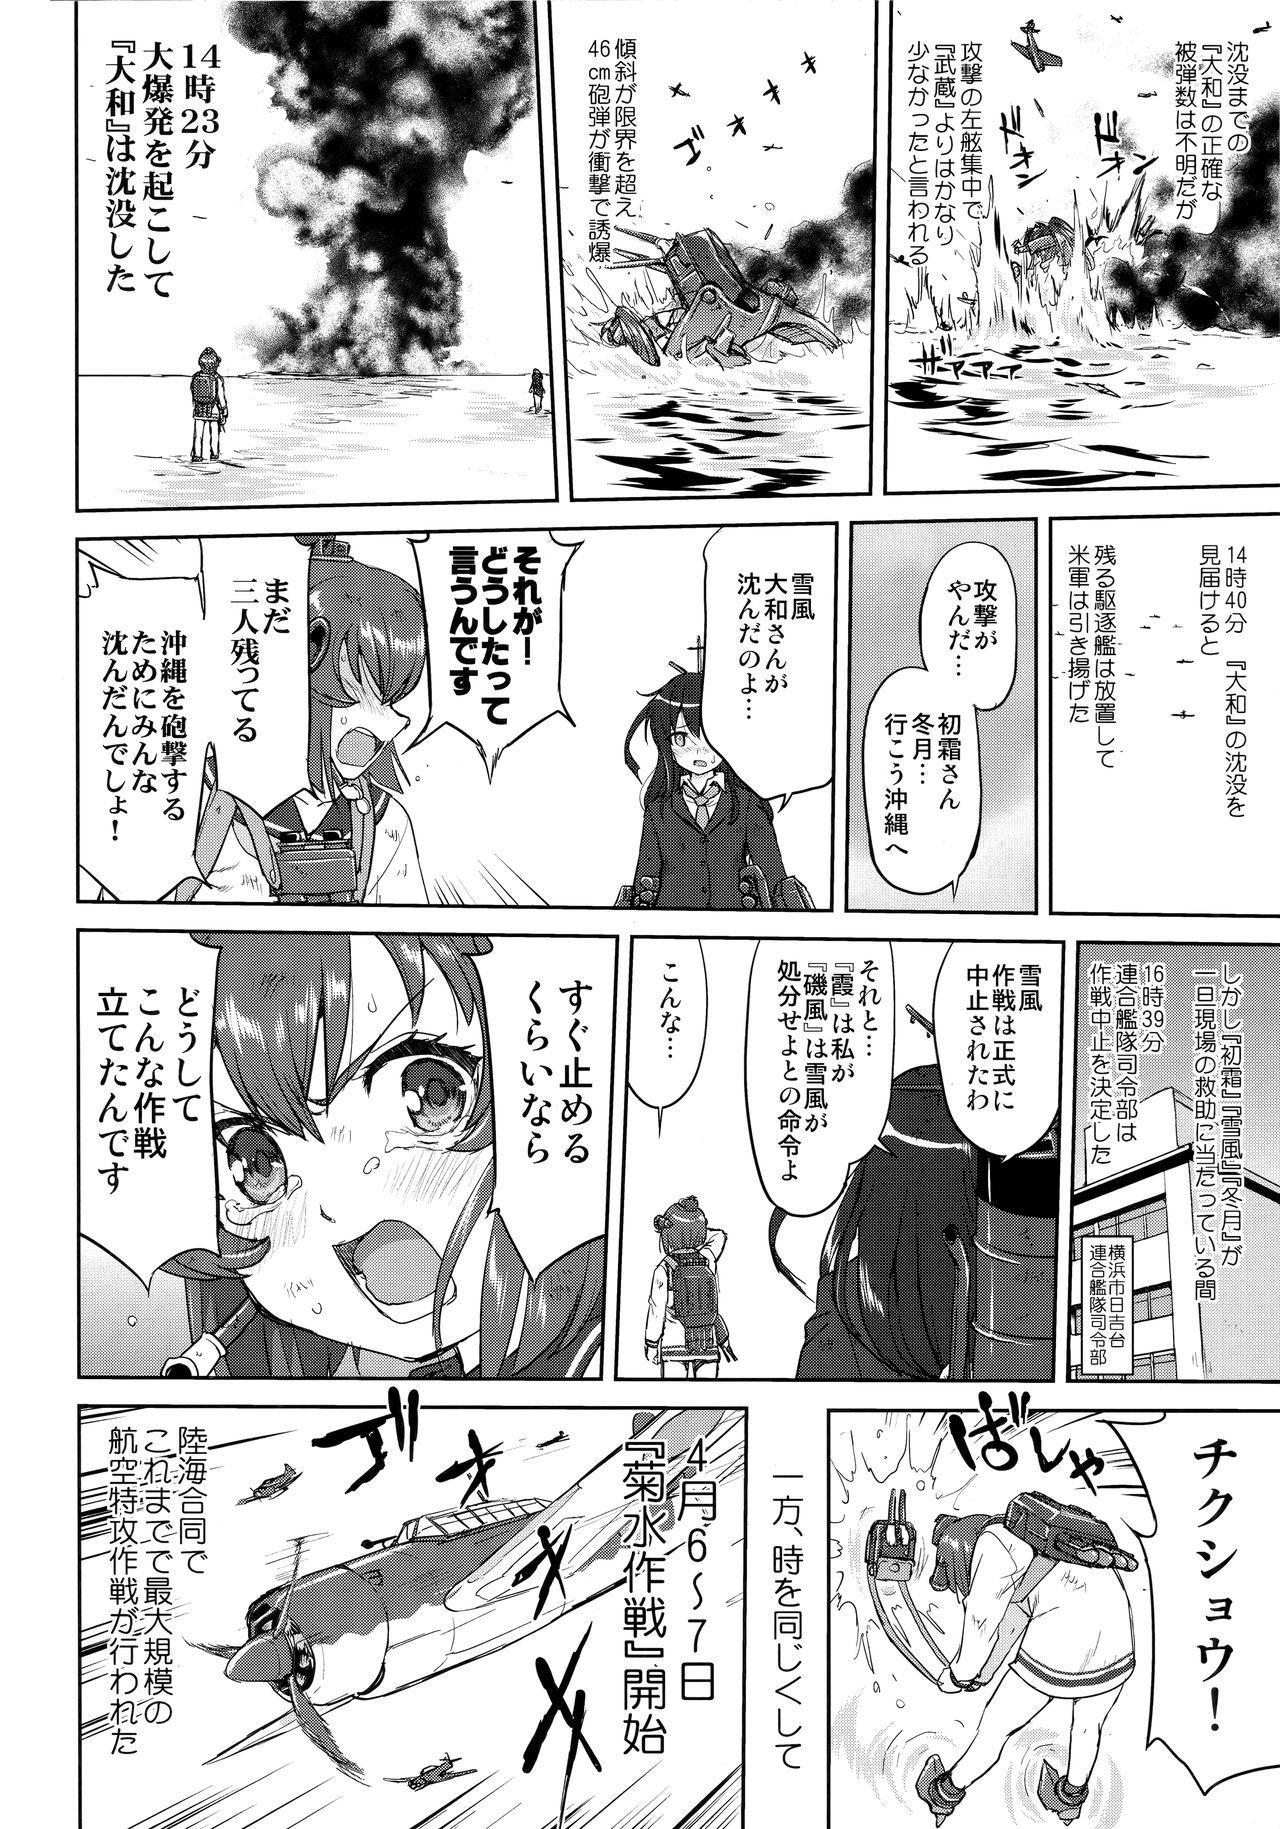 Teitoku no Ketsudan Kanmusu no Ichiban Nagai Hi 16